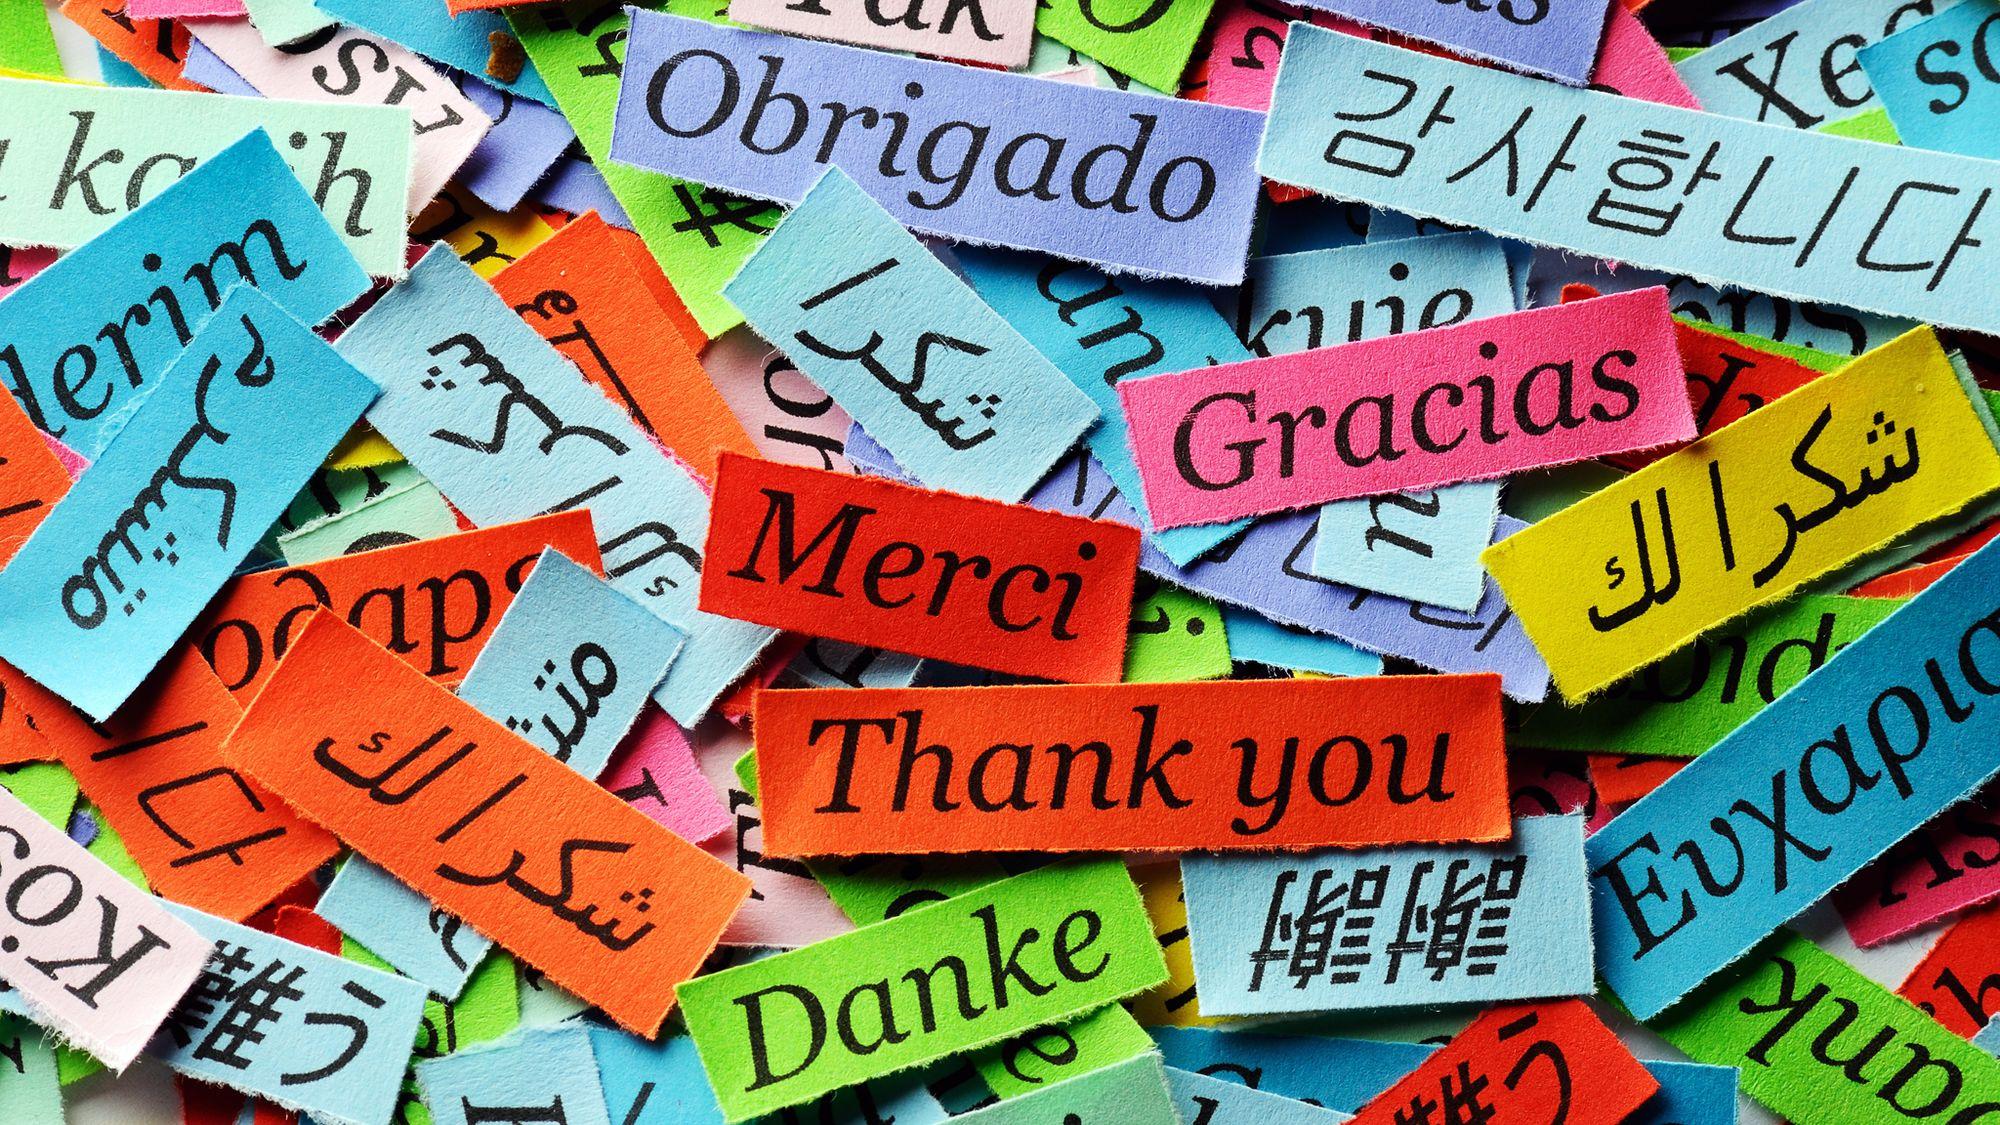 معنى كلمه شكرا باللغه الانجليزيه Jaziyat Blog